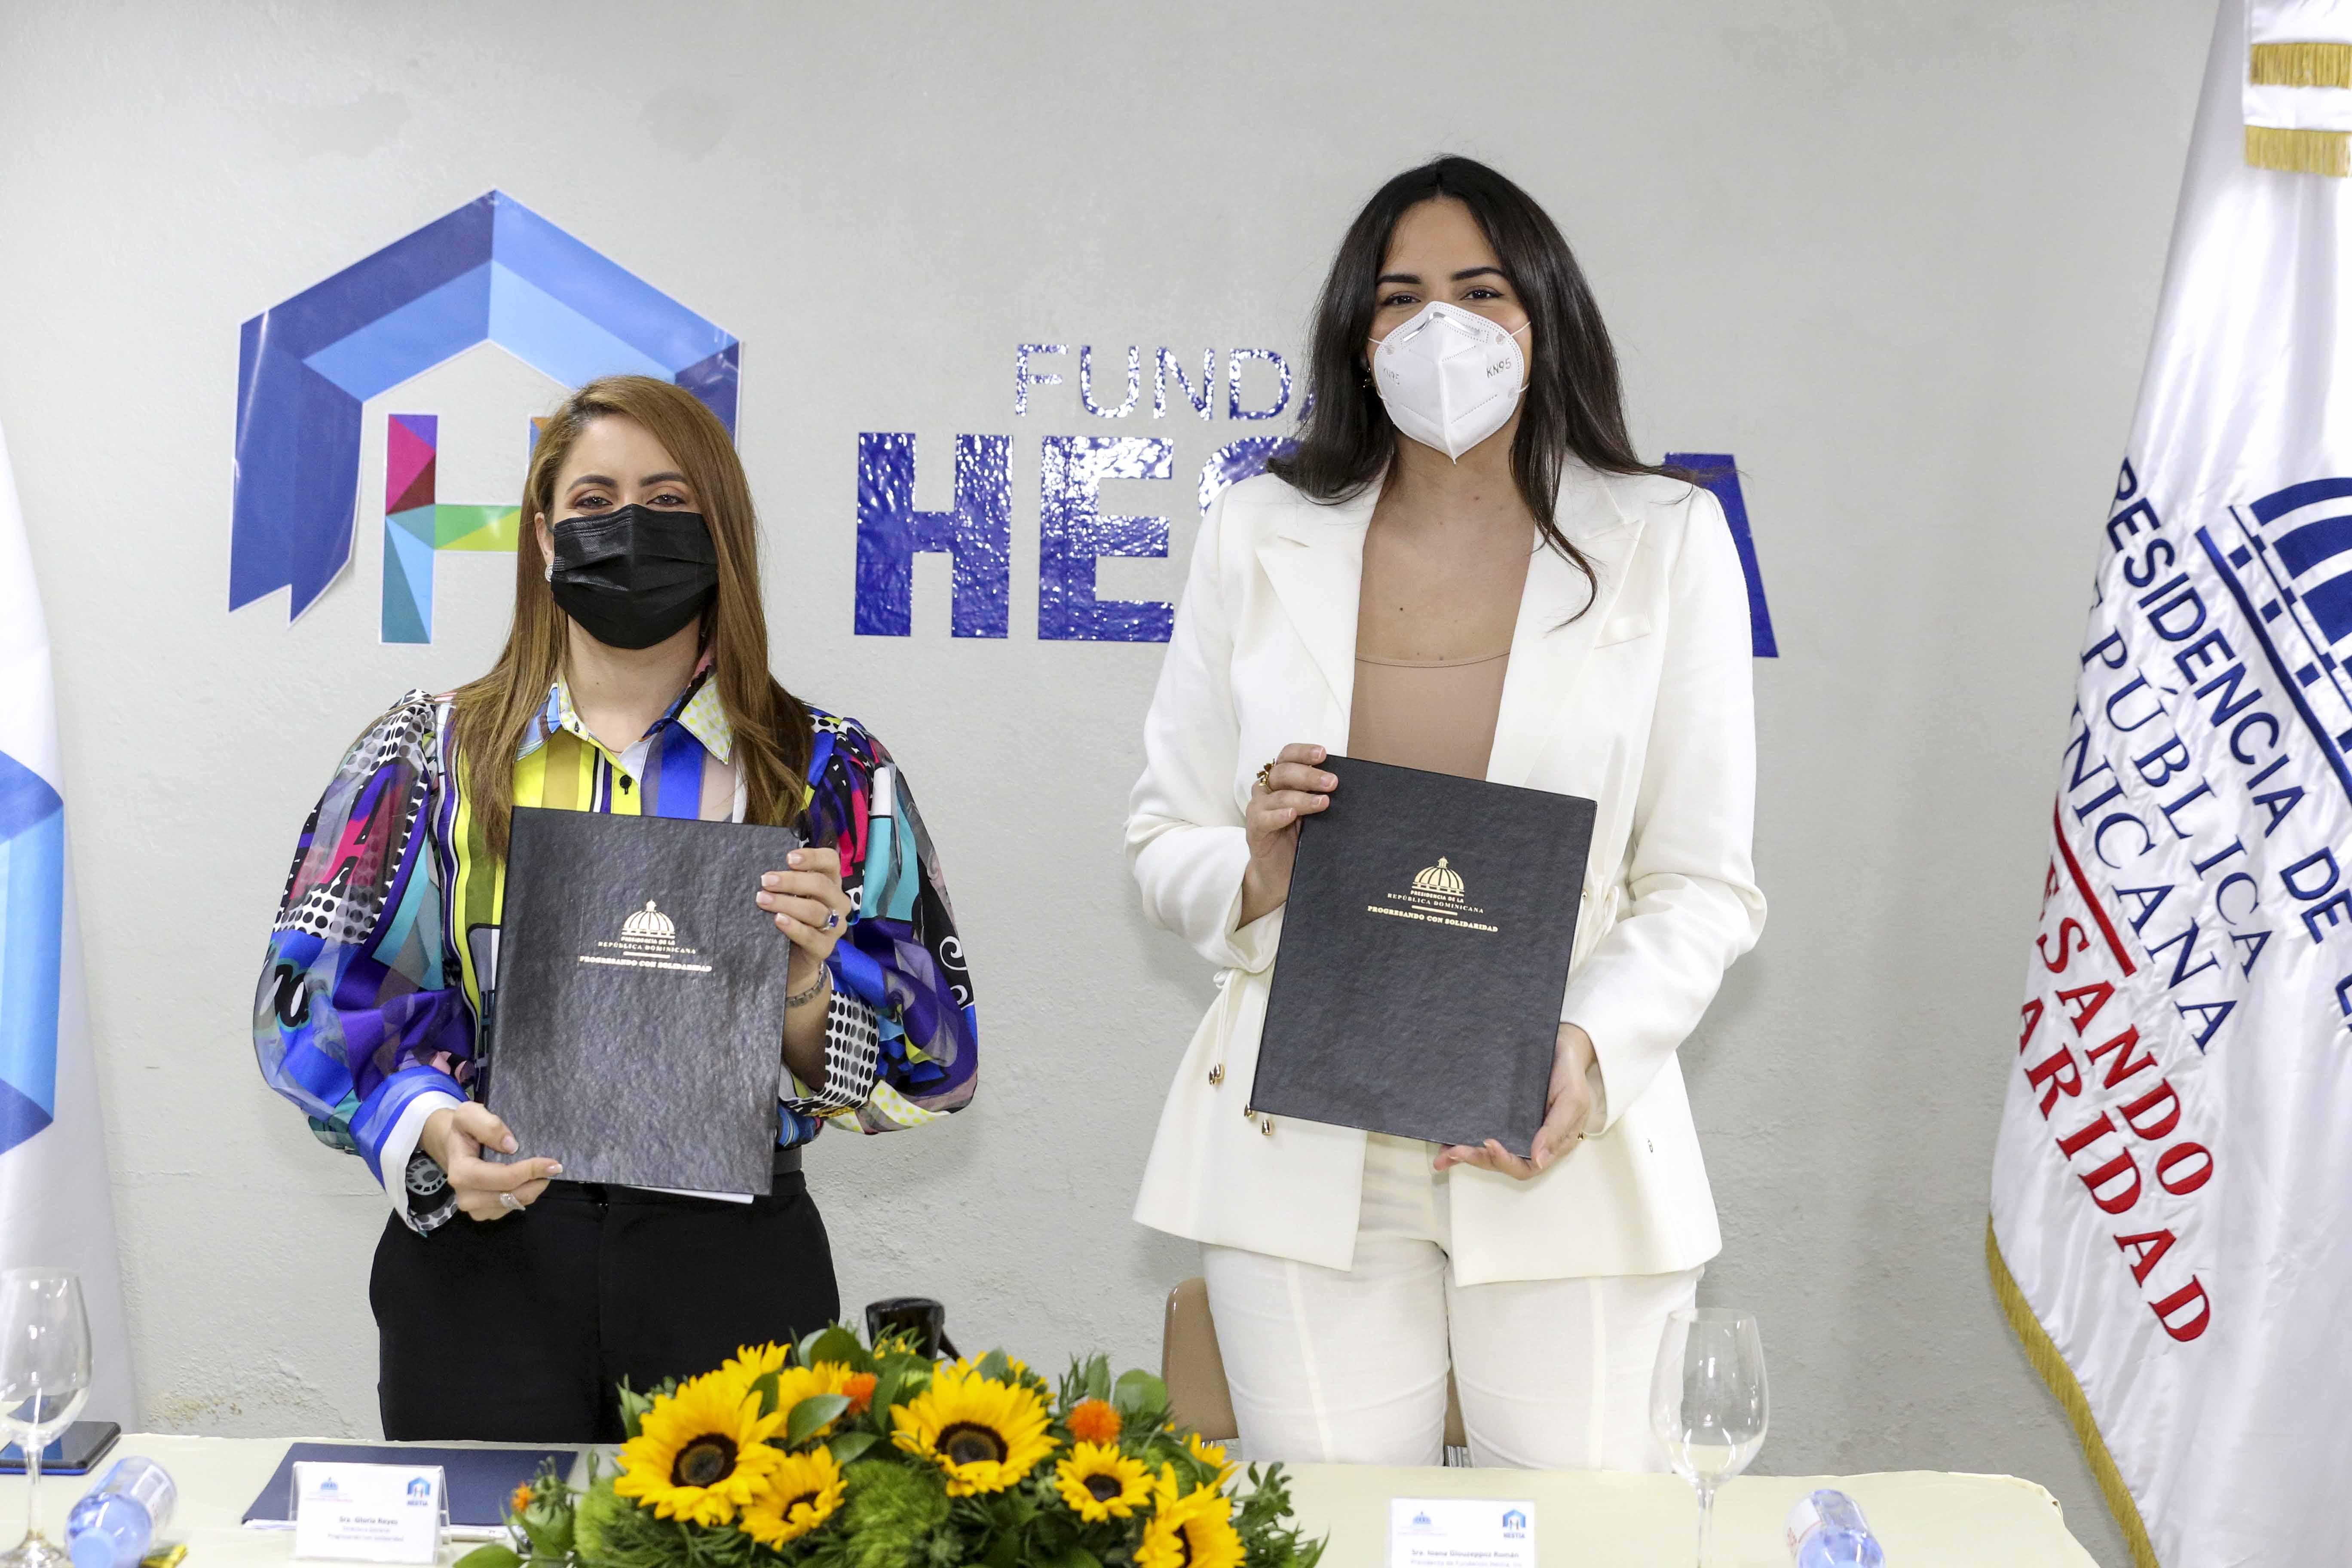 Prosoli y Fundación Hestia firman acuerdo para apoyar la comunidad de Los Girasoles